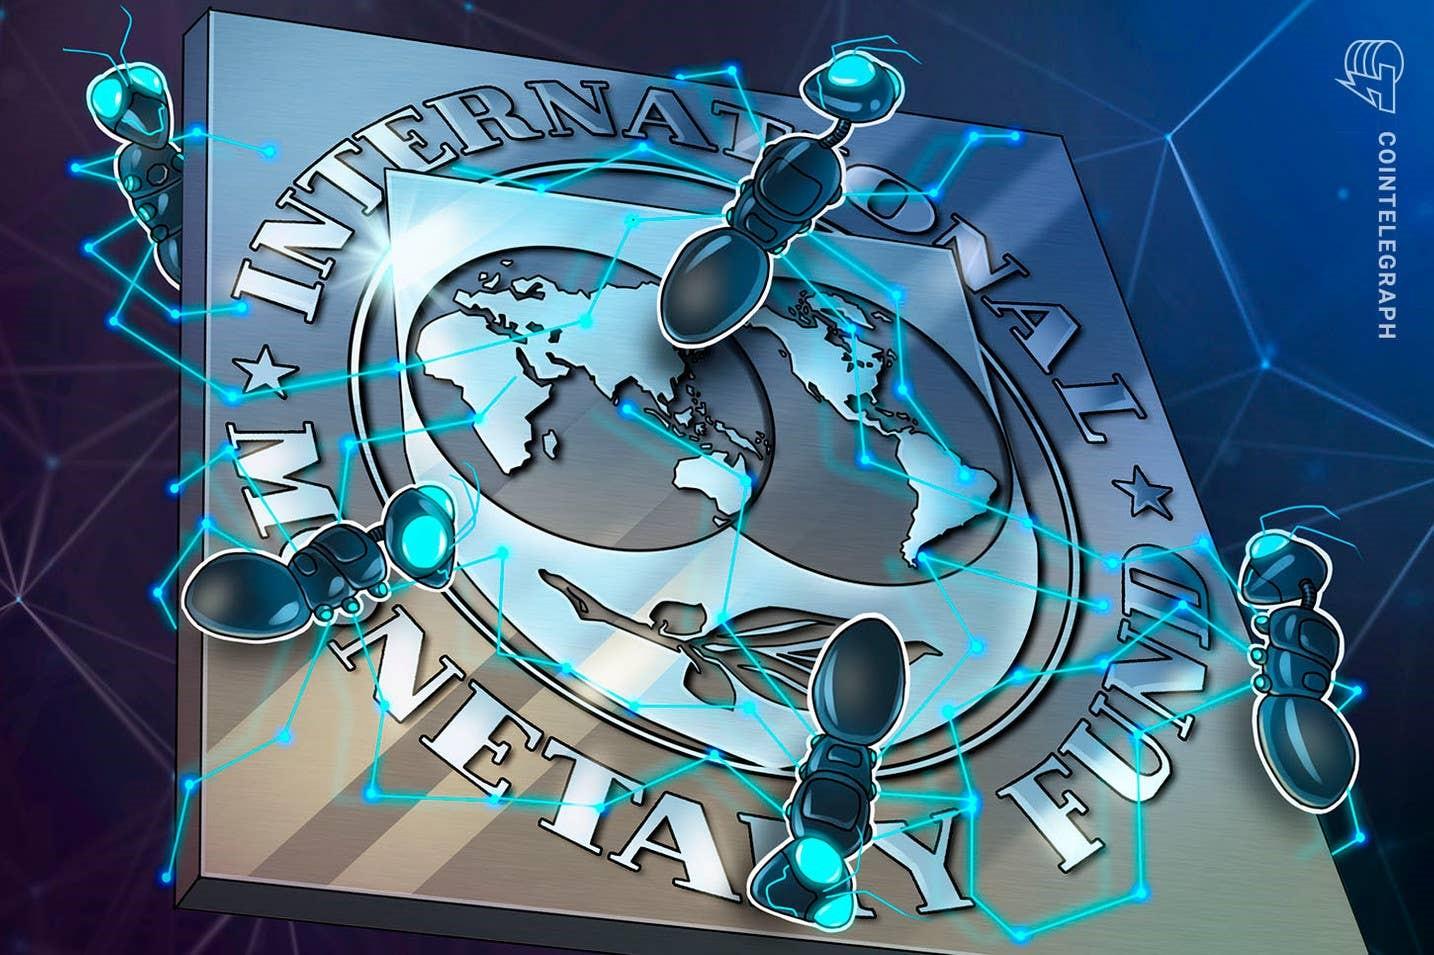 توصیه صندوق بینالمللی پولبه استفاده از ارزهای دیجیتال بانک مرکزی